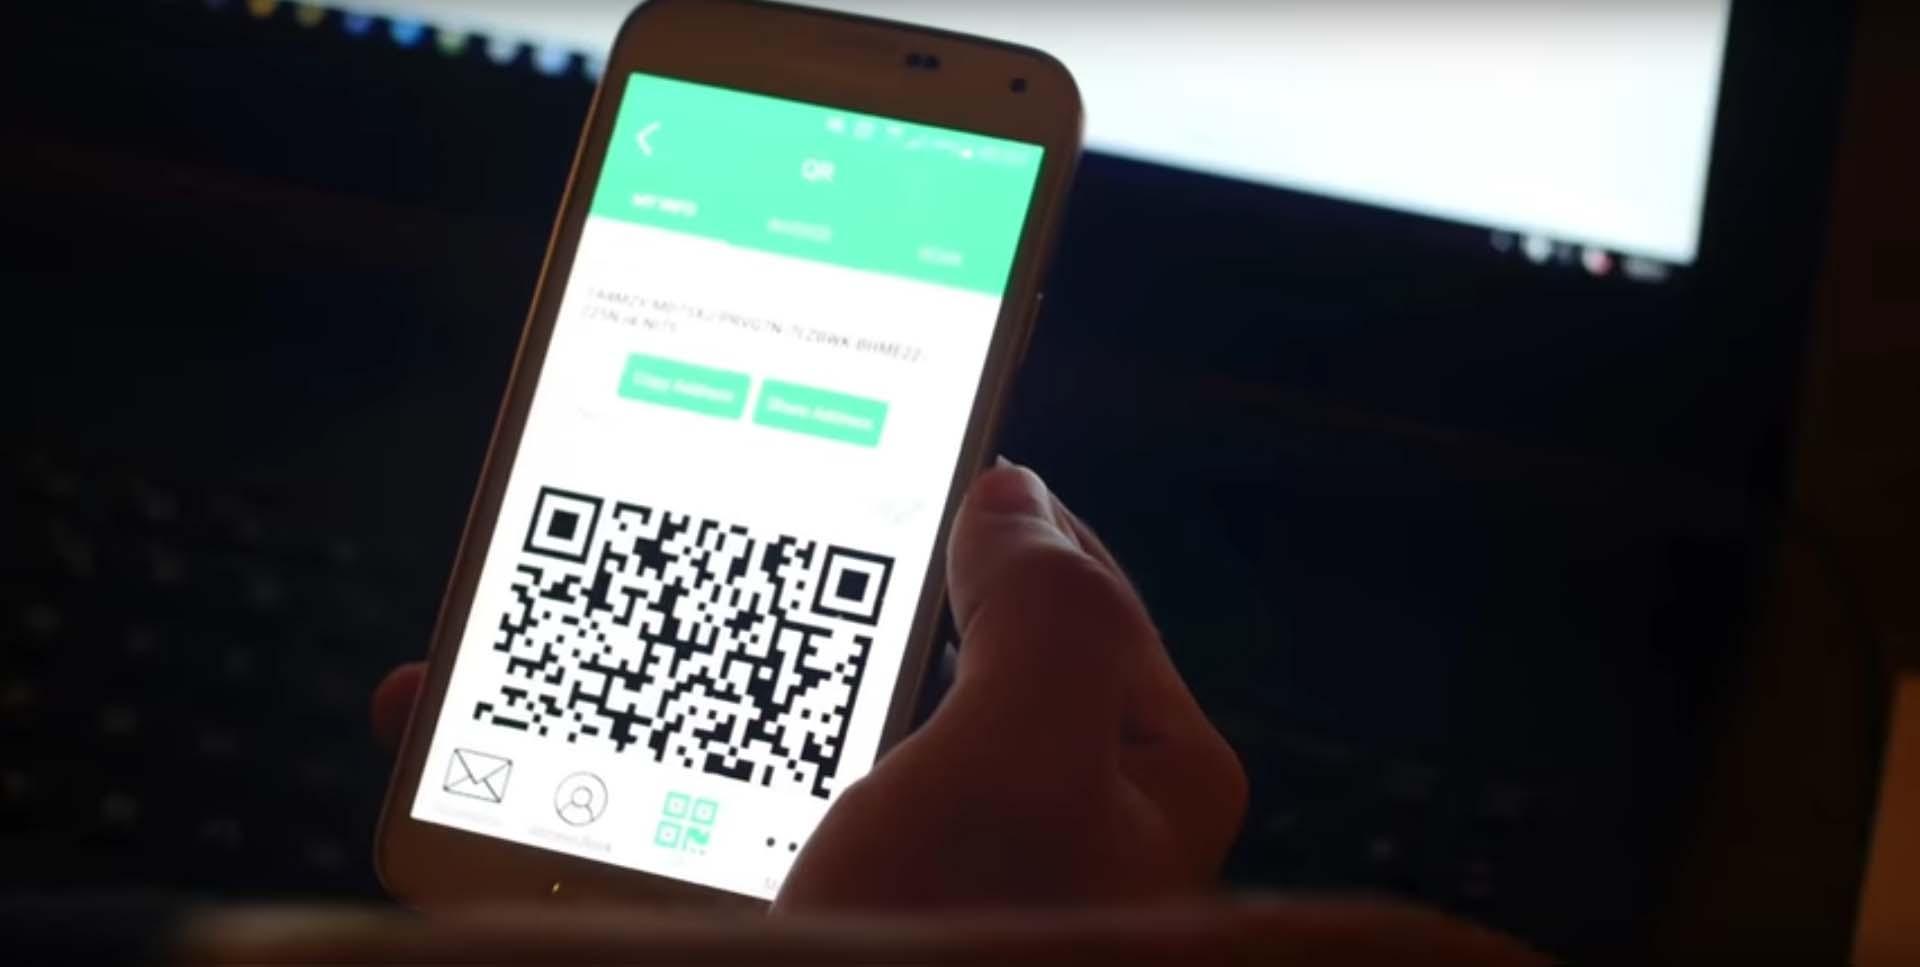 NEM Foundation Announces the Release of NEM iOS App on App Store